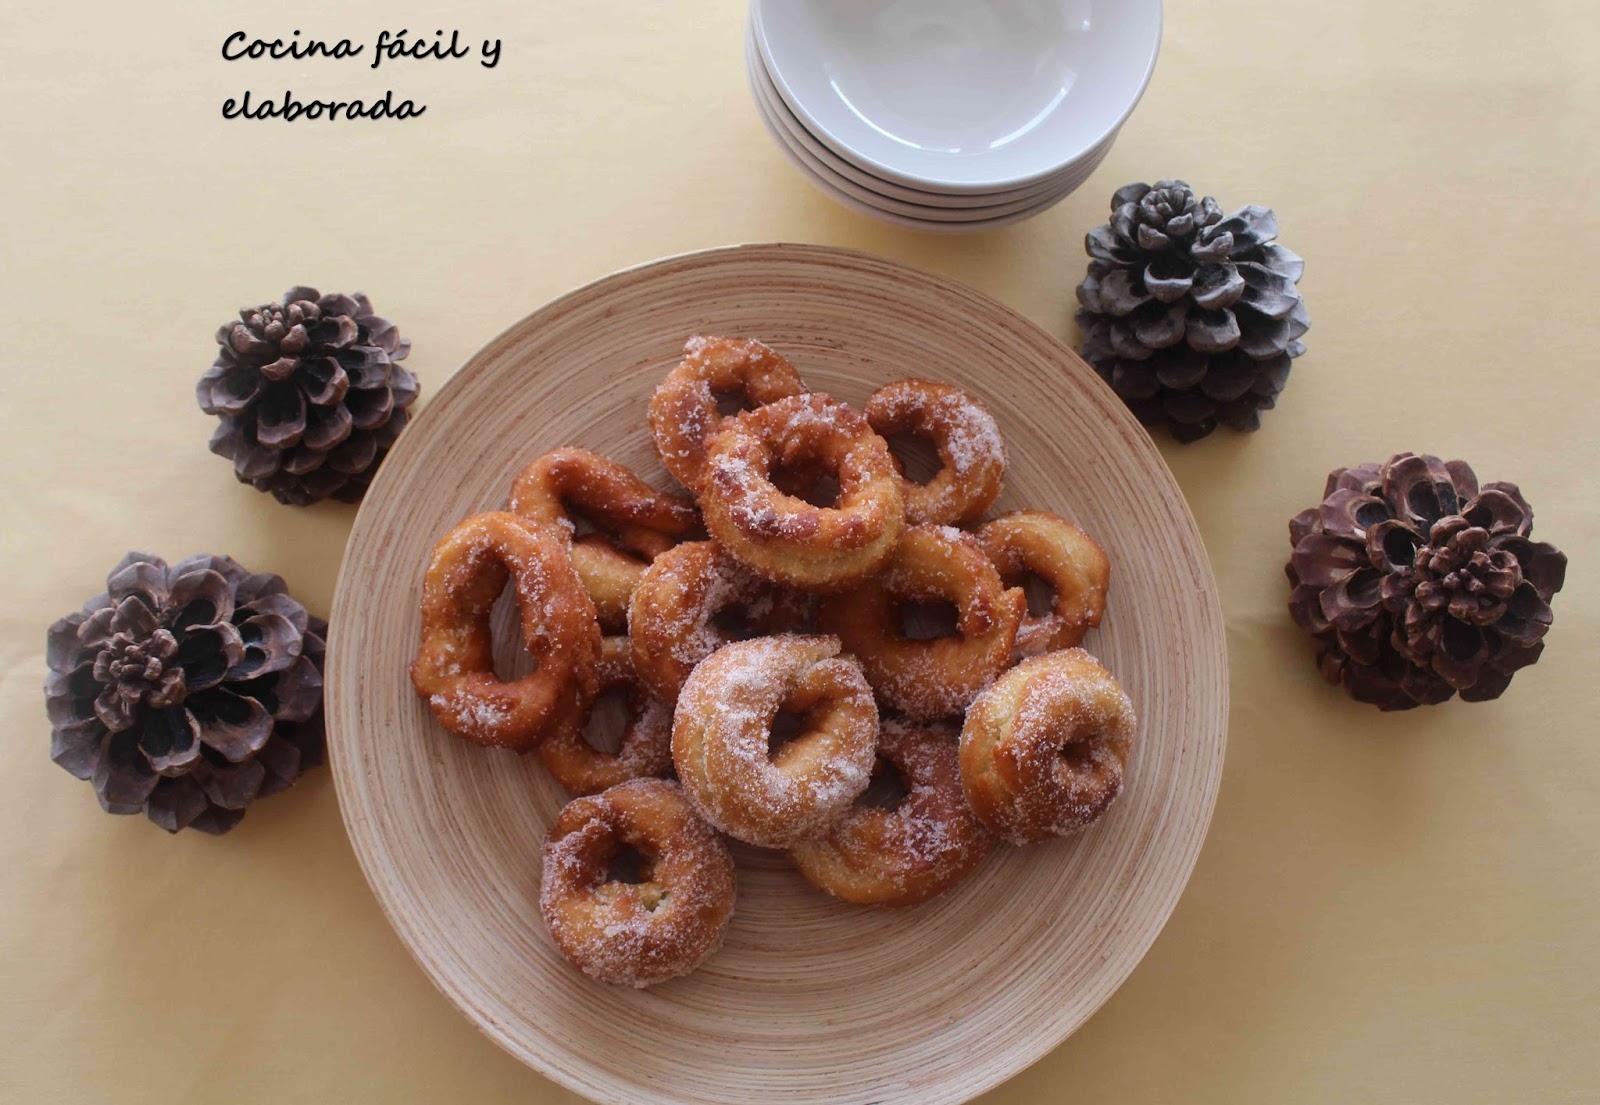 Cocina facil y elaborada rosquillas fritas de la abuela for Cocina facil para invitados